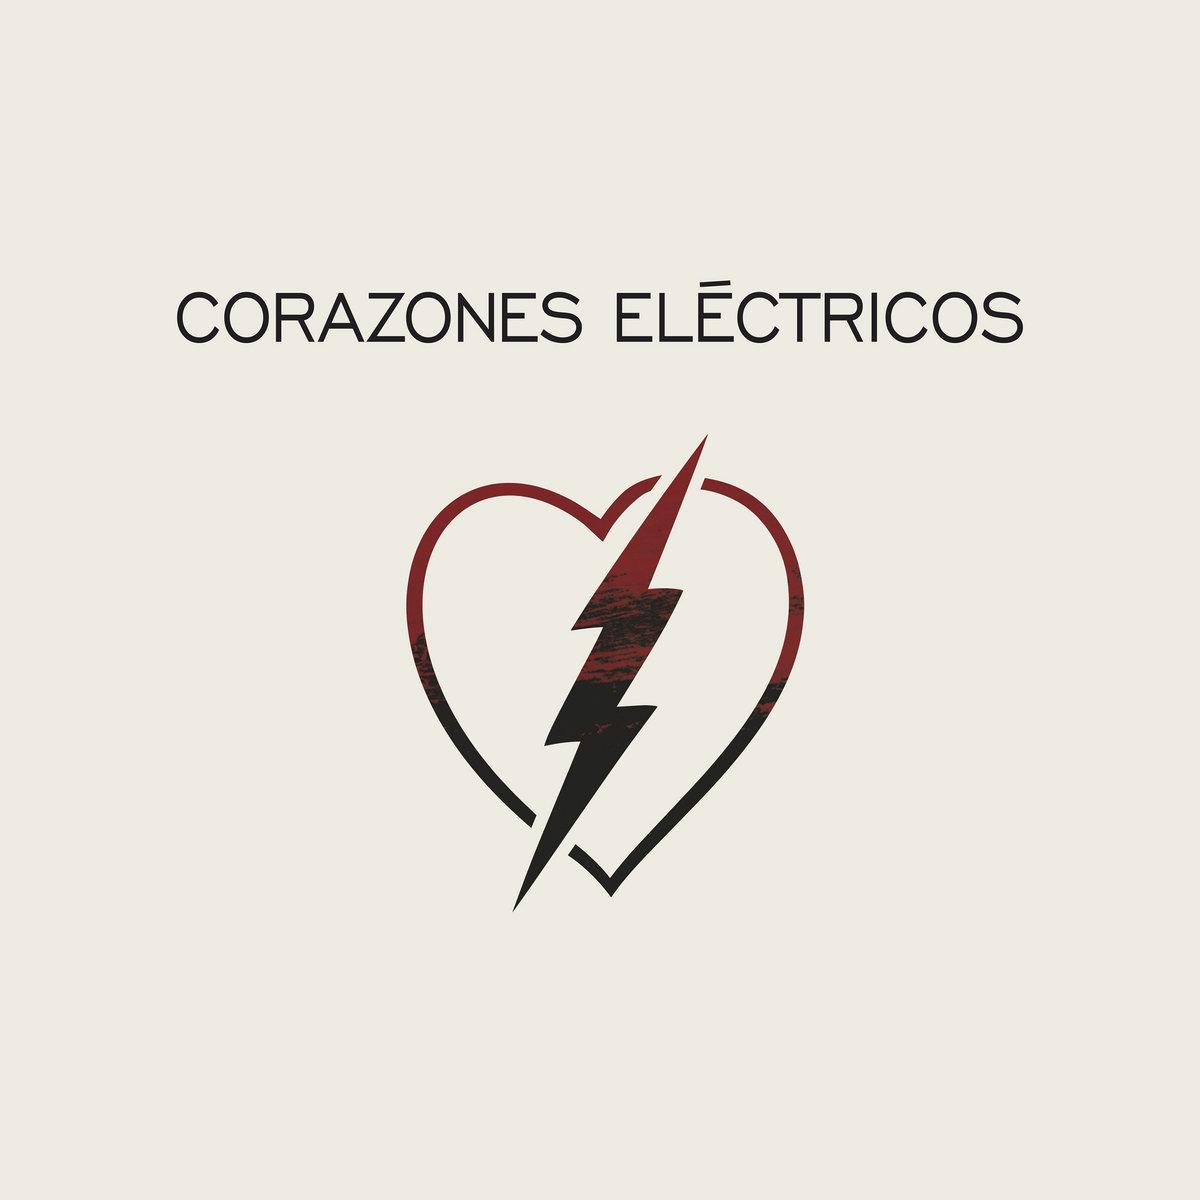 Corazones Eléctricos (FÍSICO)